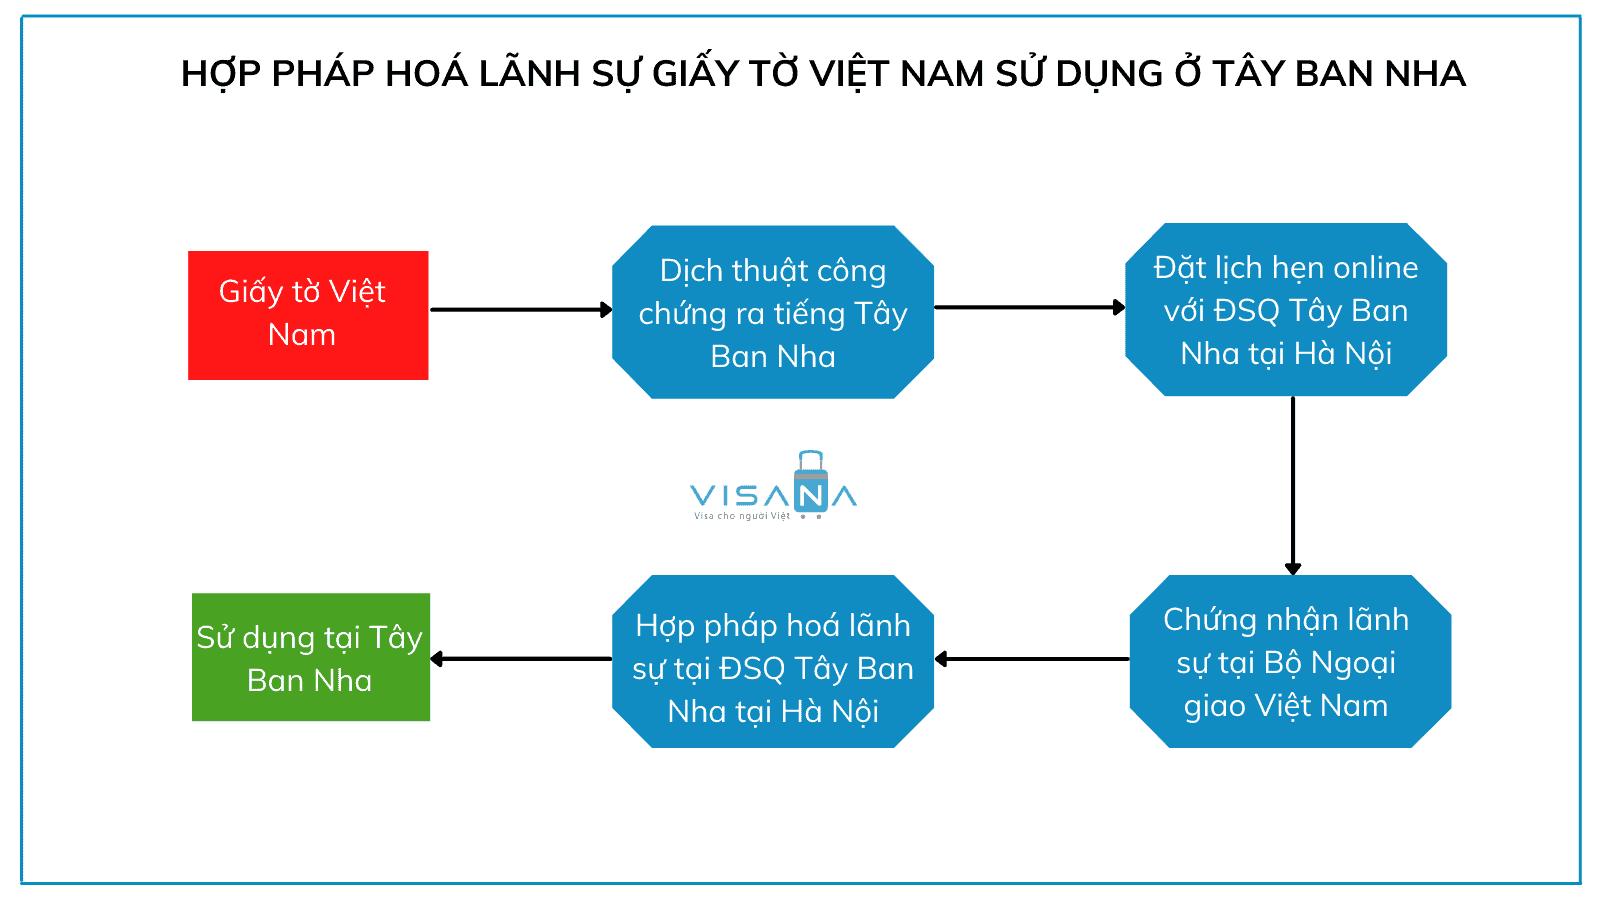 Thủ tục hợp pháp hoá lãnh sự giấy tờ Việt Nam sử dụng tại Tây Ban Nha